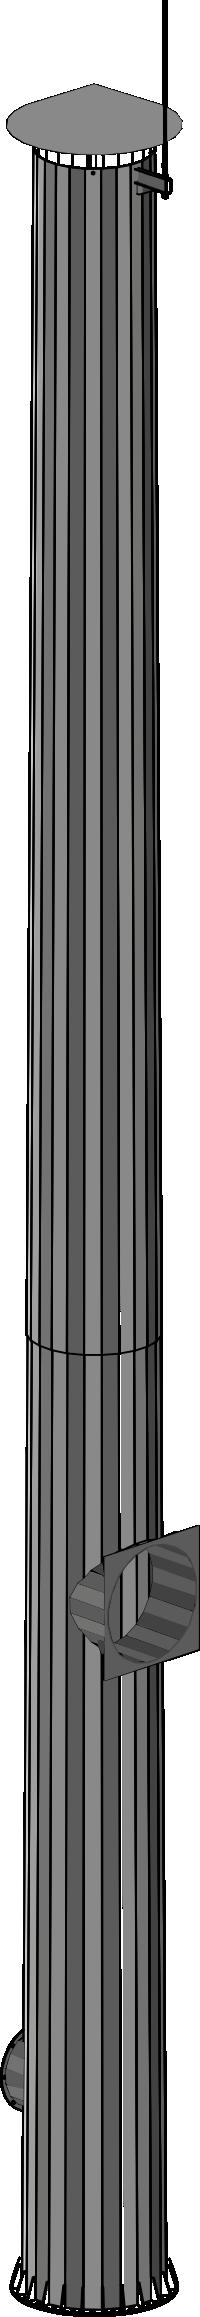 Воздухозаборная труба (ВТ)